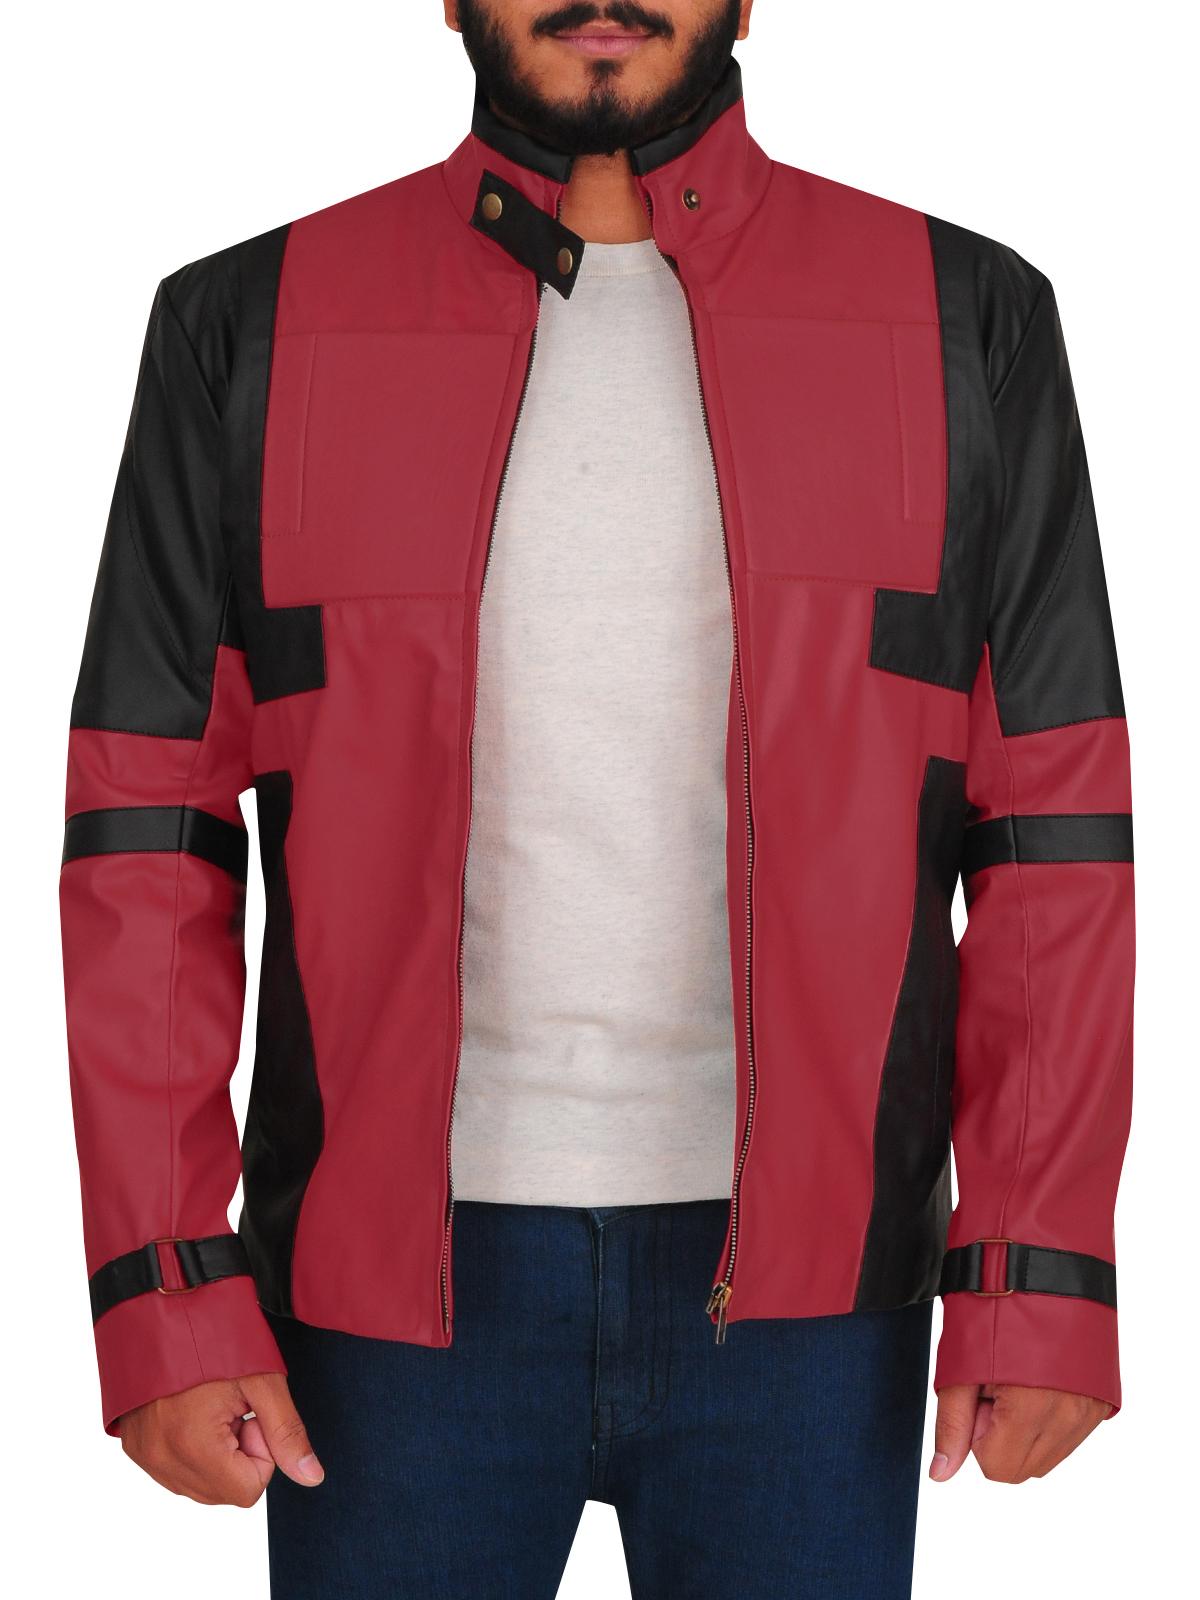 Red & Black Biker Leather Jacket Men   Men Jackets   MauveTree